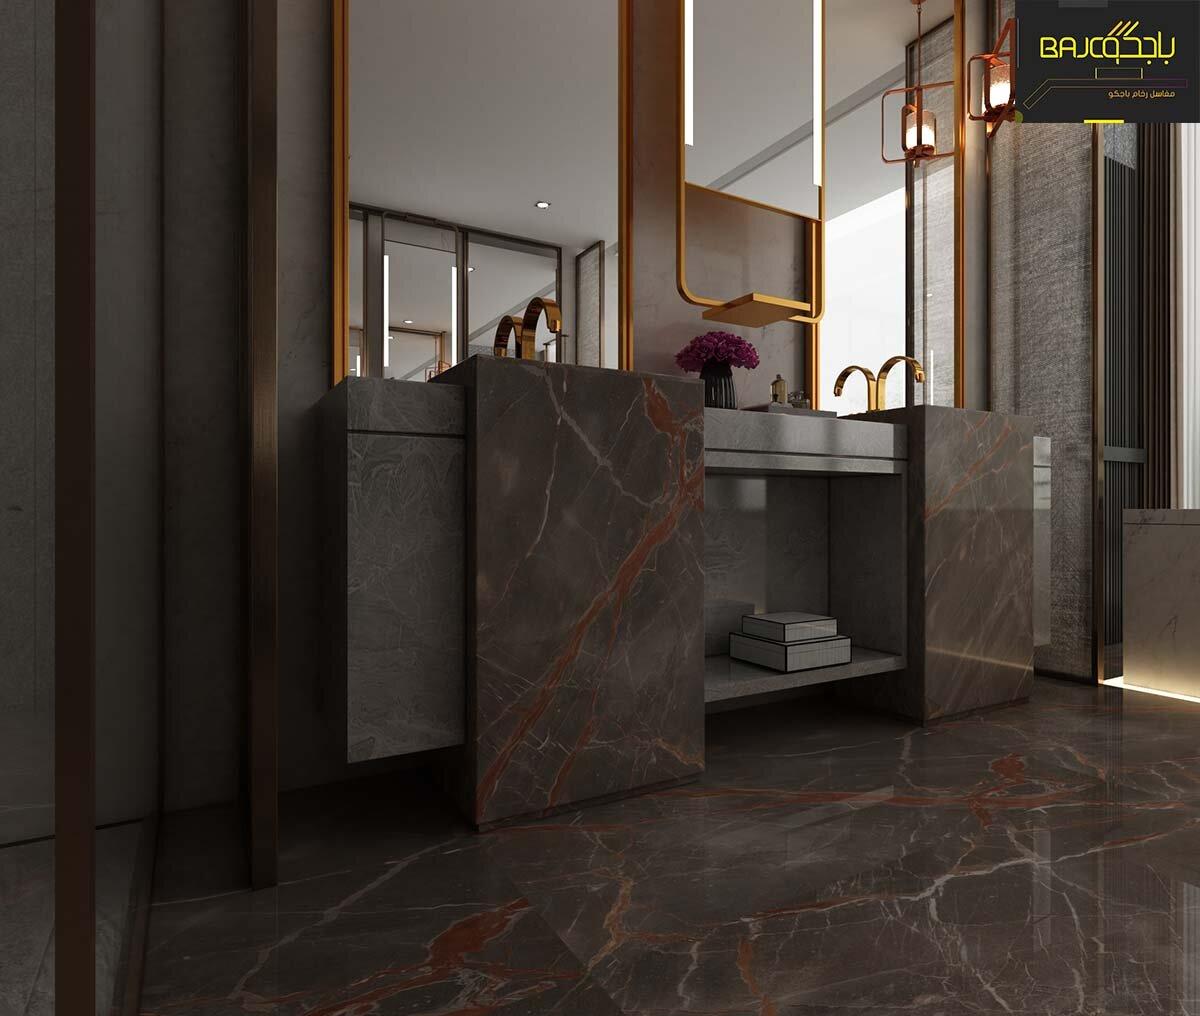 تصميم مغسلة رخام داخل الحمام